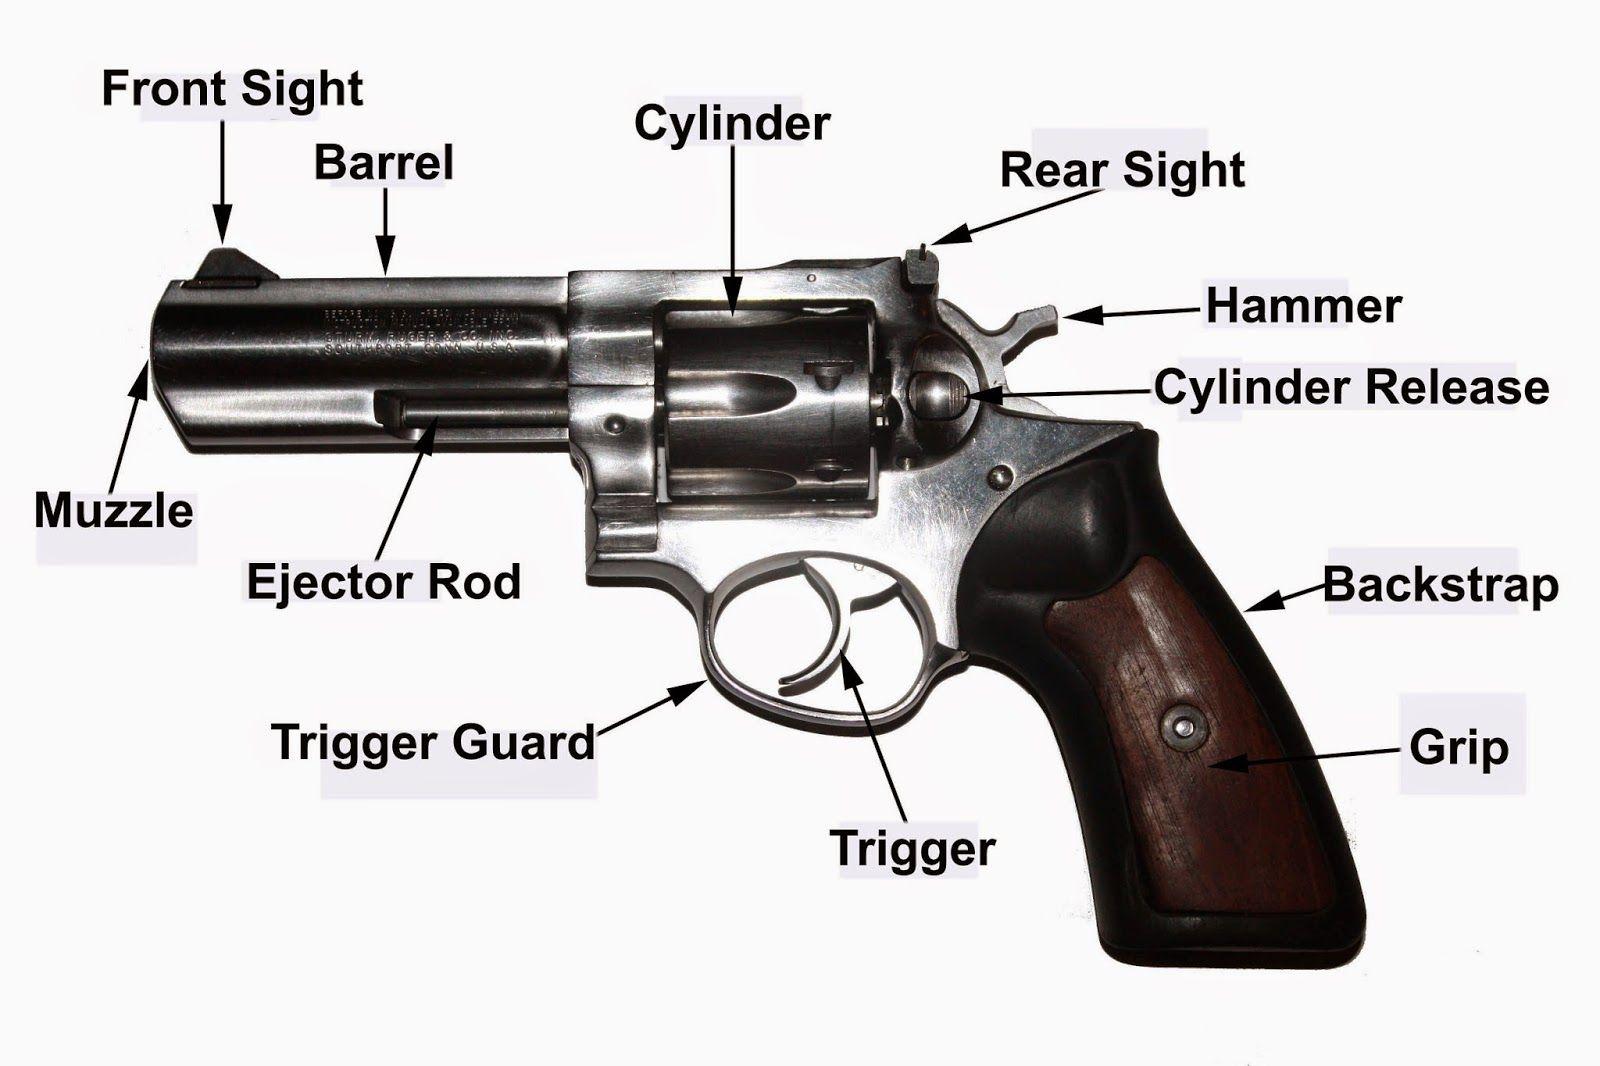 Revolver+Nomenclature+Final+copy.jpg (1600×1066